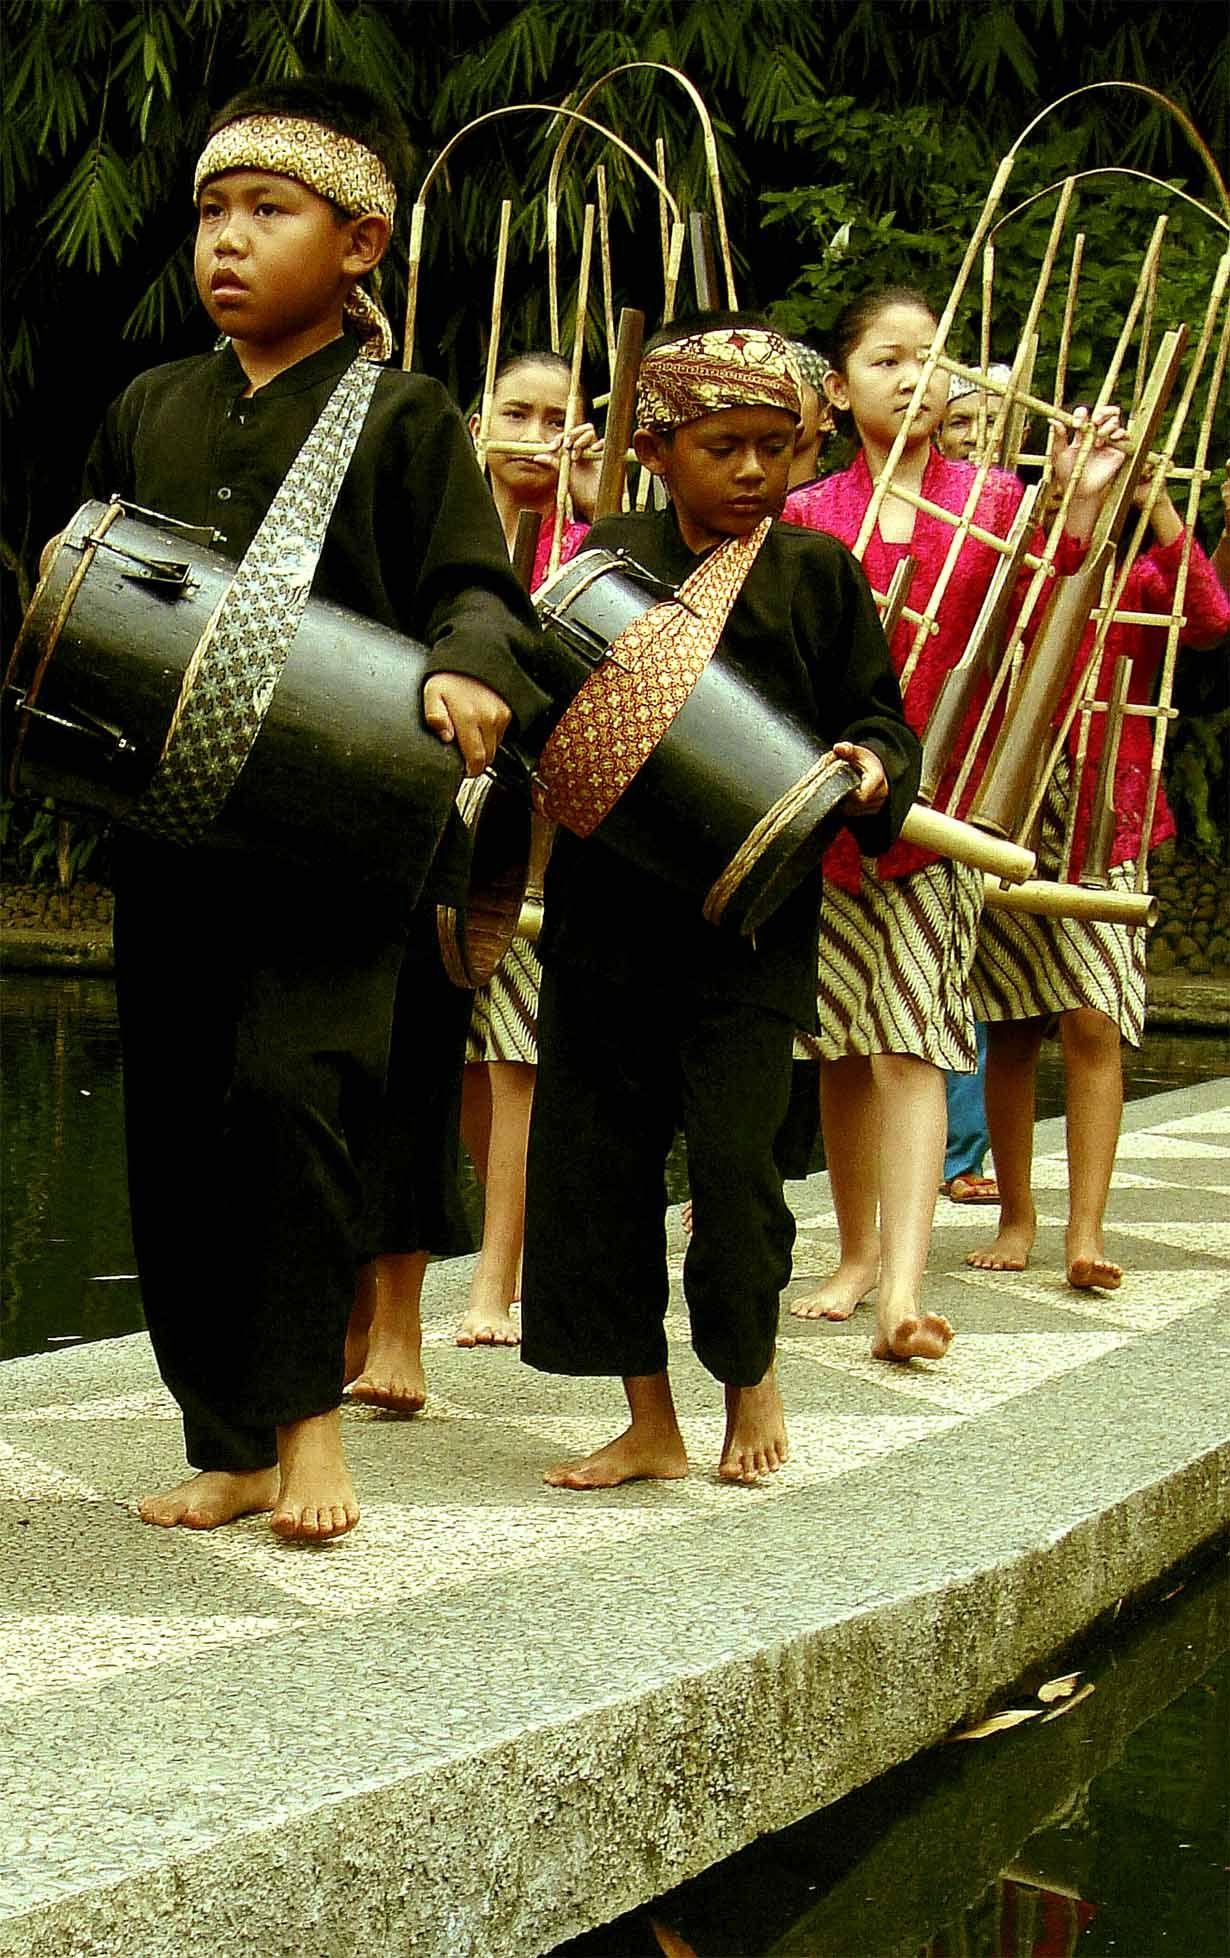 Kaulinan Barudak (Sundanese children are playing the